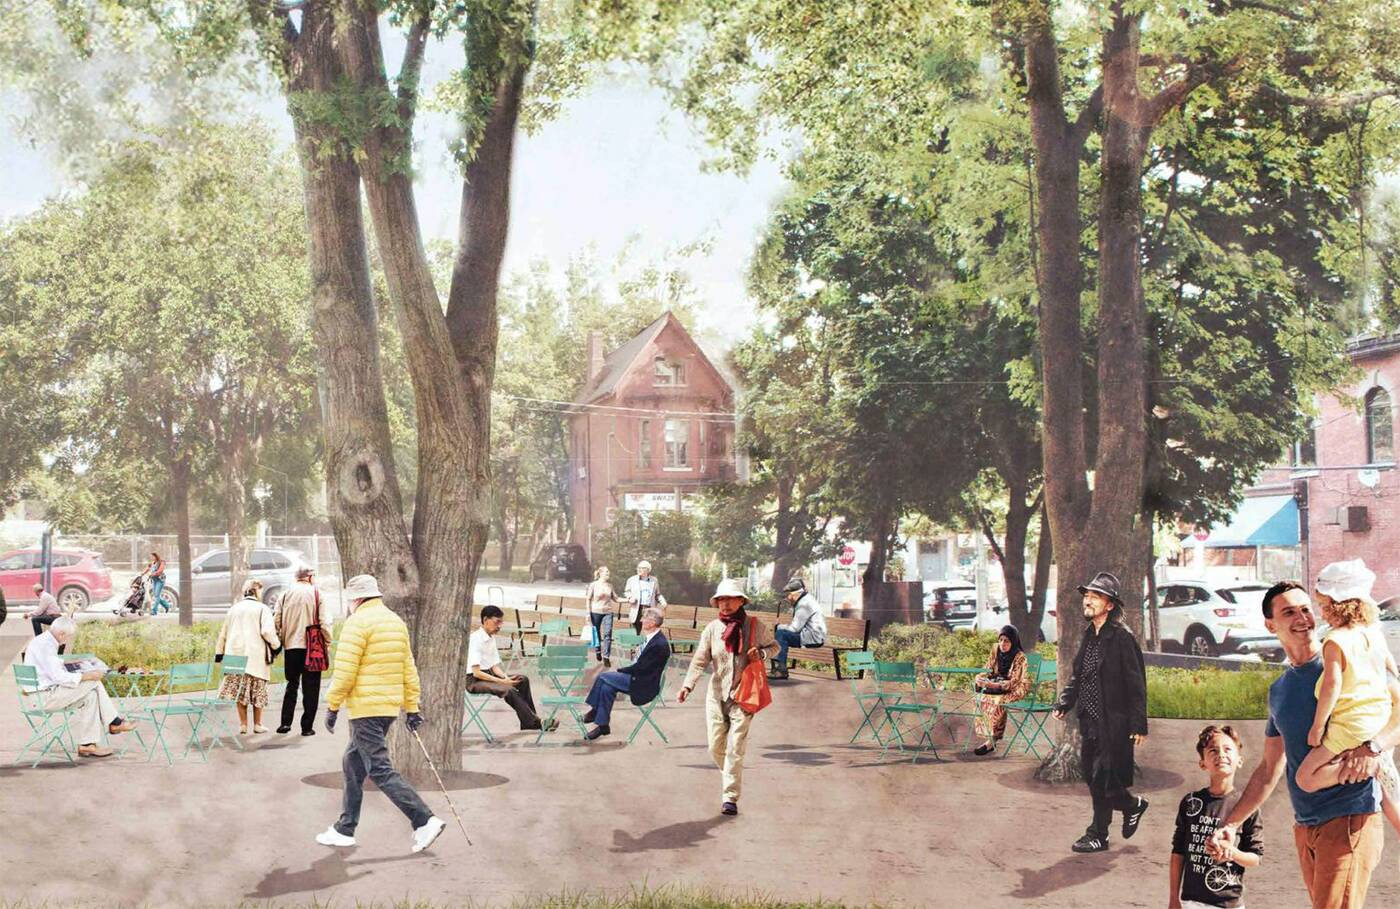 St James Town West Park Toronto